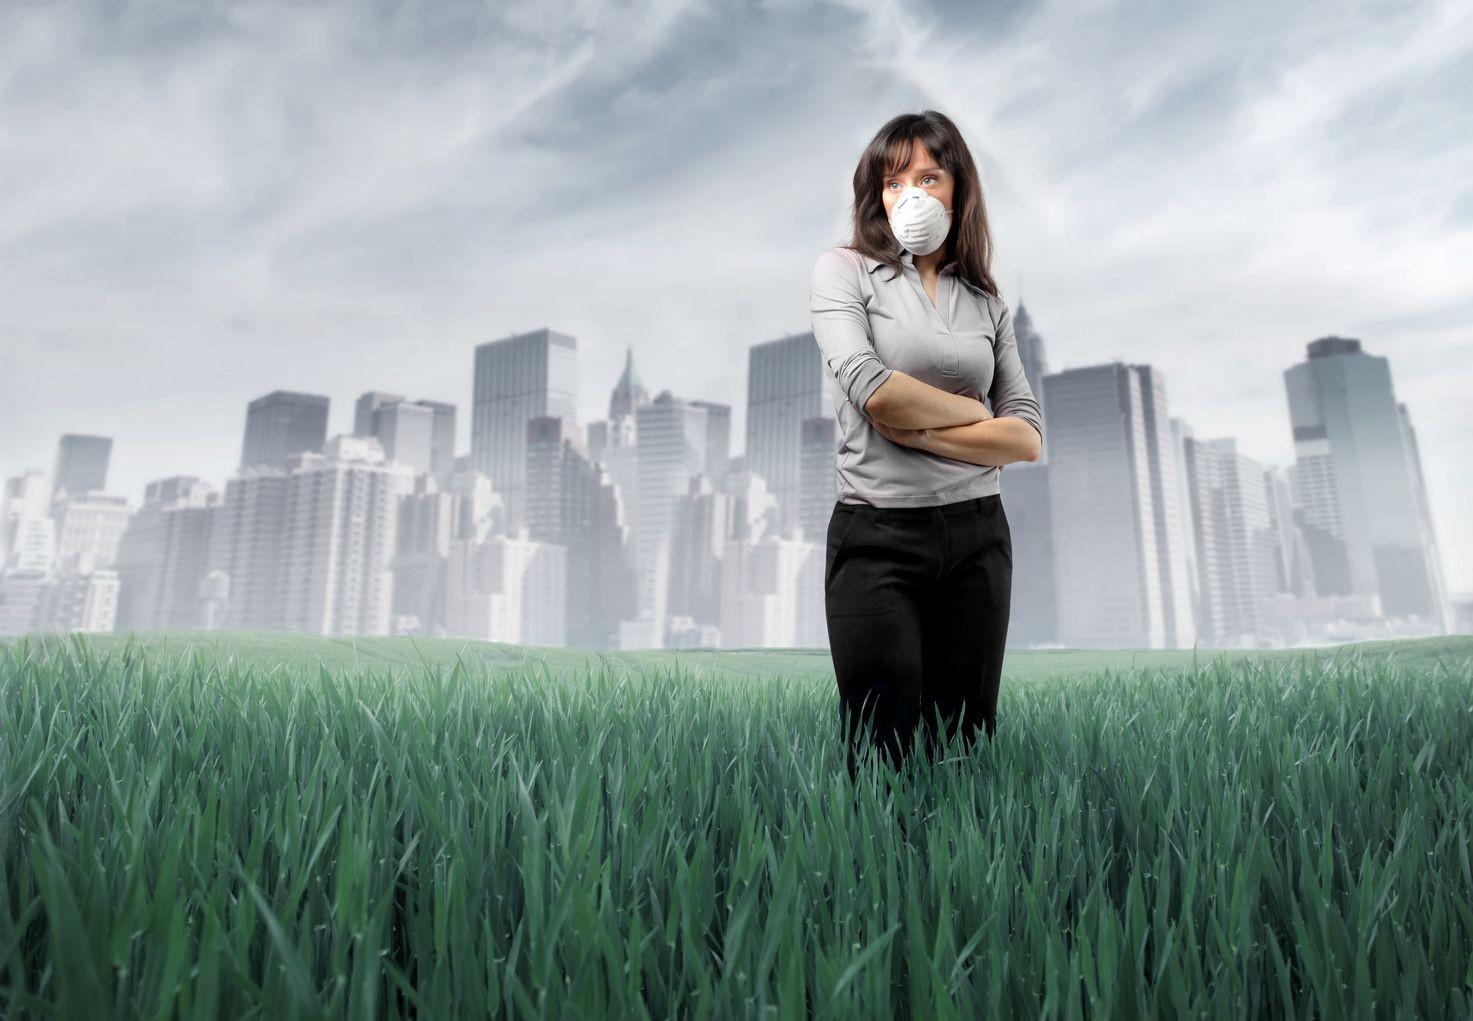 Роспотребнадзор назвал самый загрязнённый город вКрасноярском крае